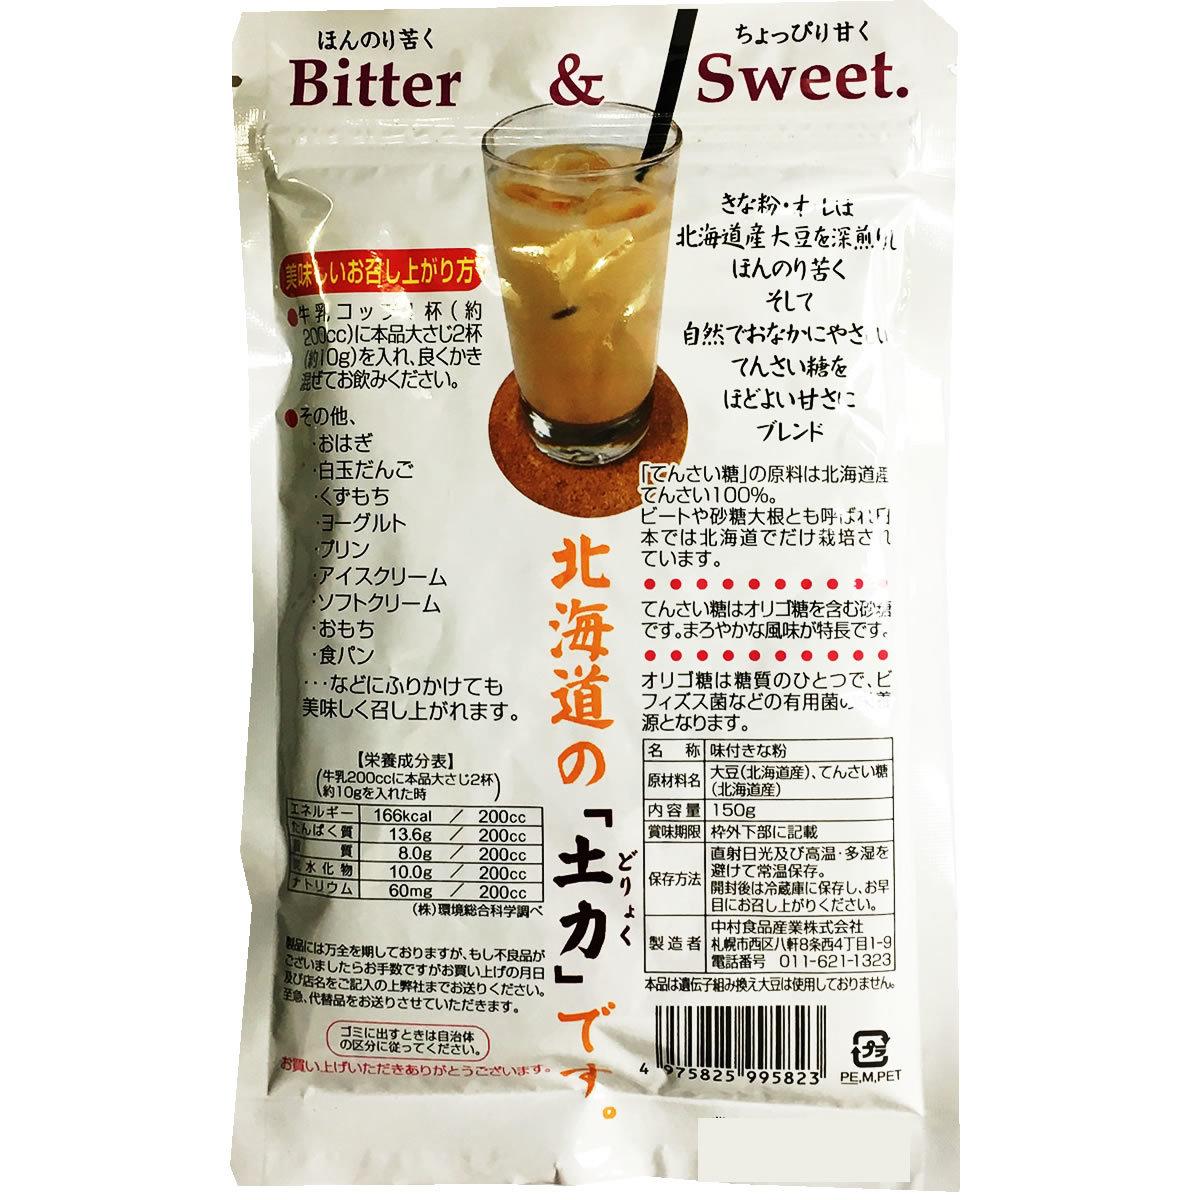 中村食品 エゴマきな粉&きな粉オレ&全粒きな粉 各1袋お試しセット _画像7